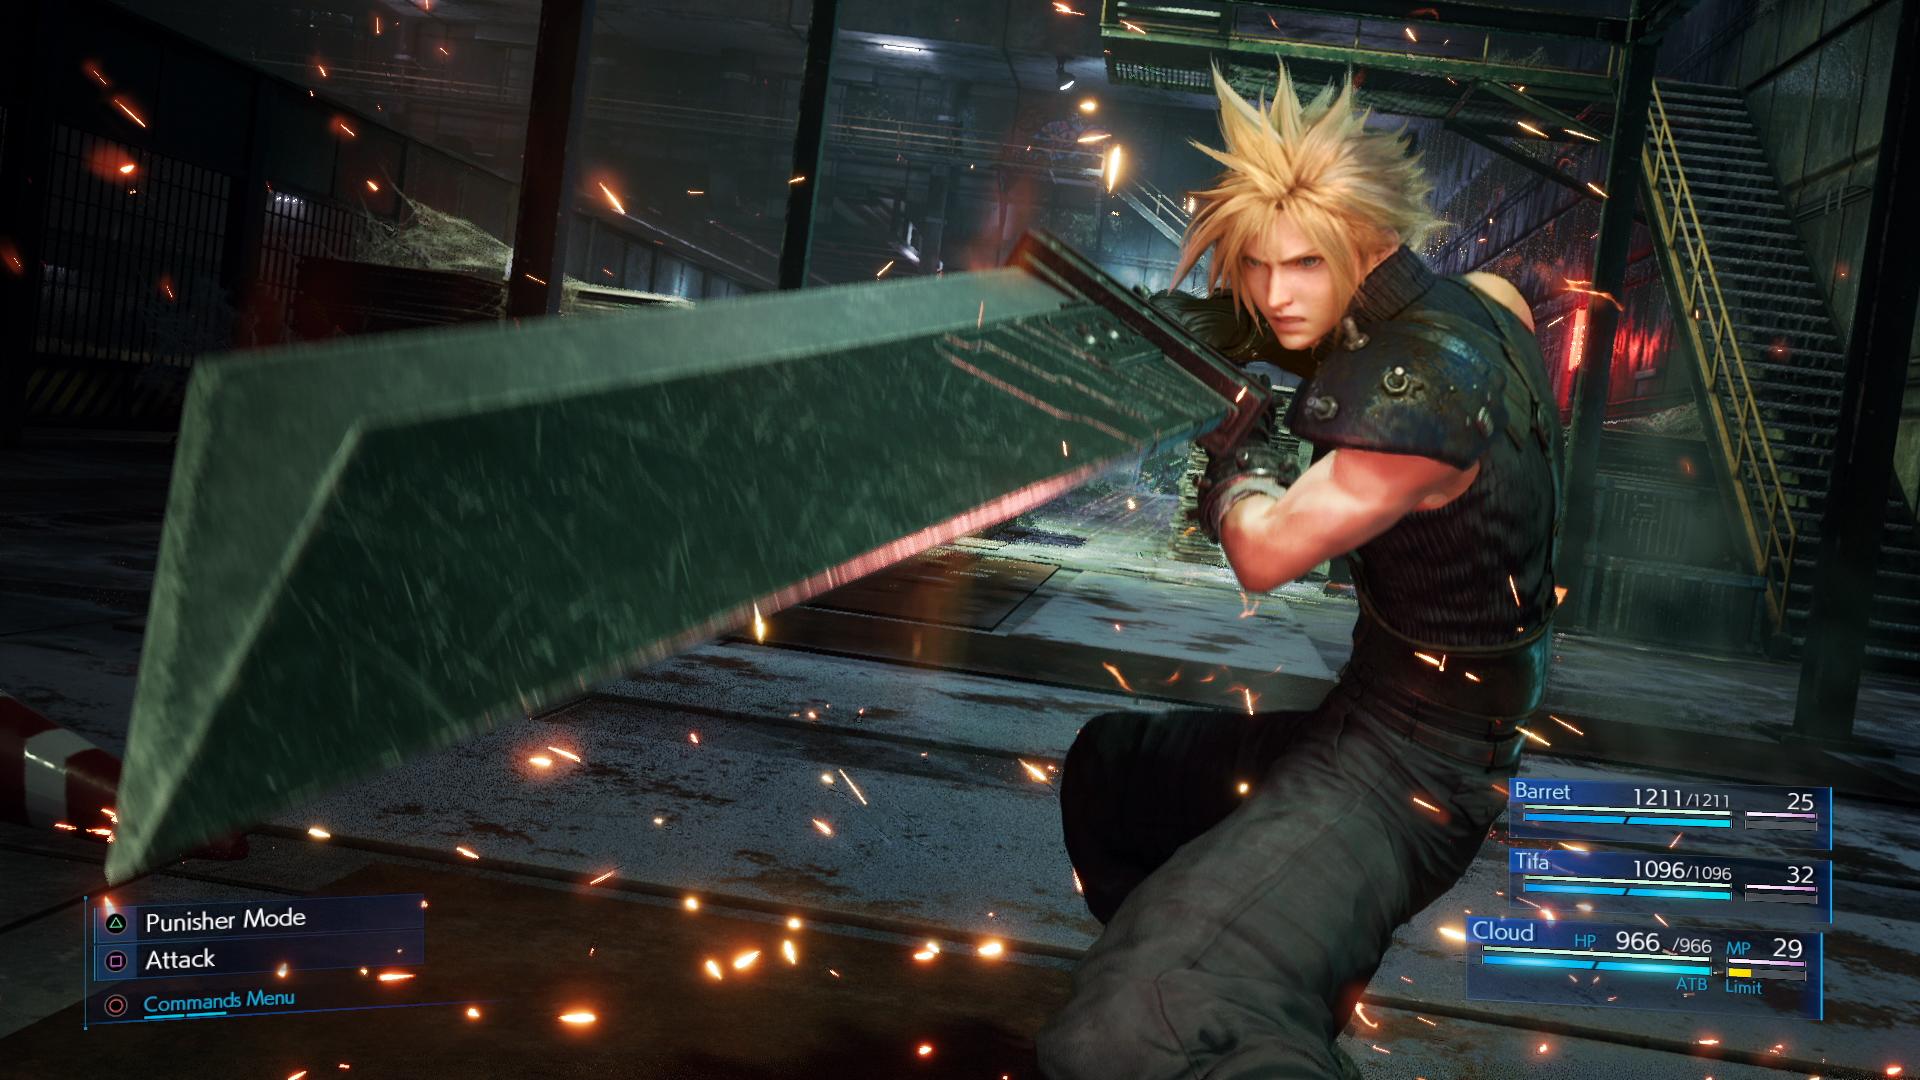 《最终幻想7:重制版》评分出炉 IGN 8分 GameSpot 10分